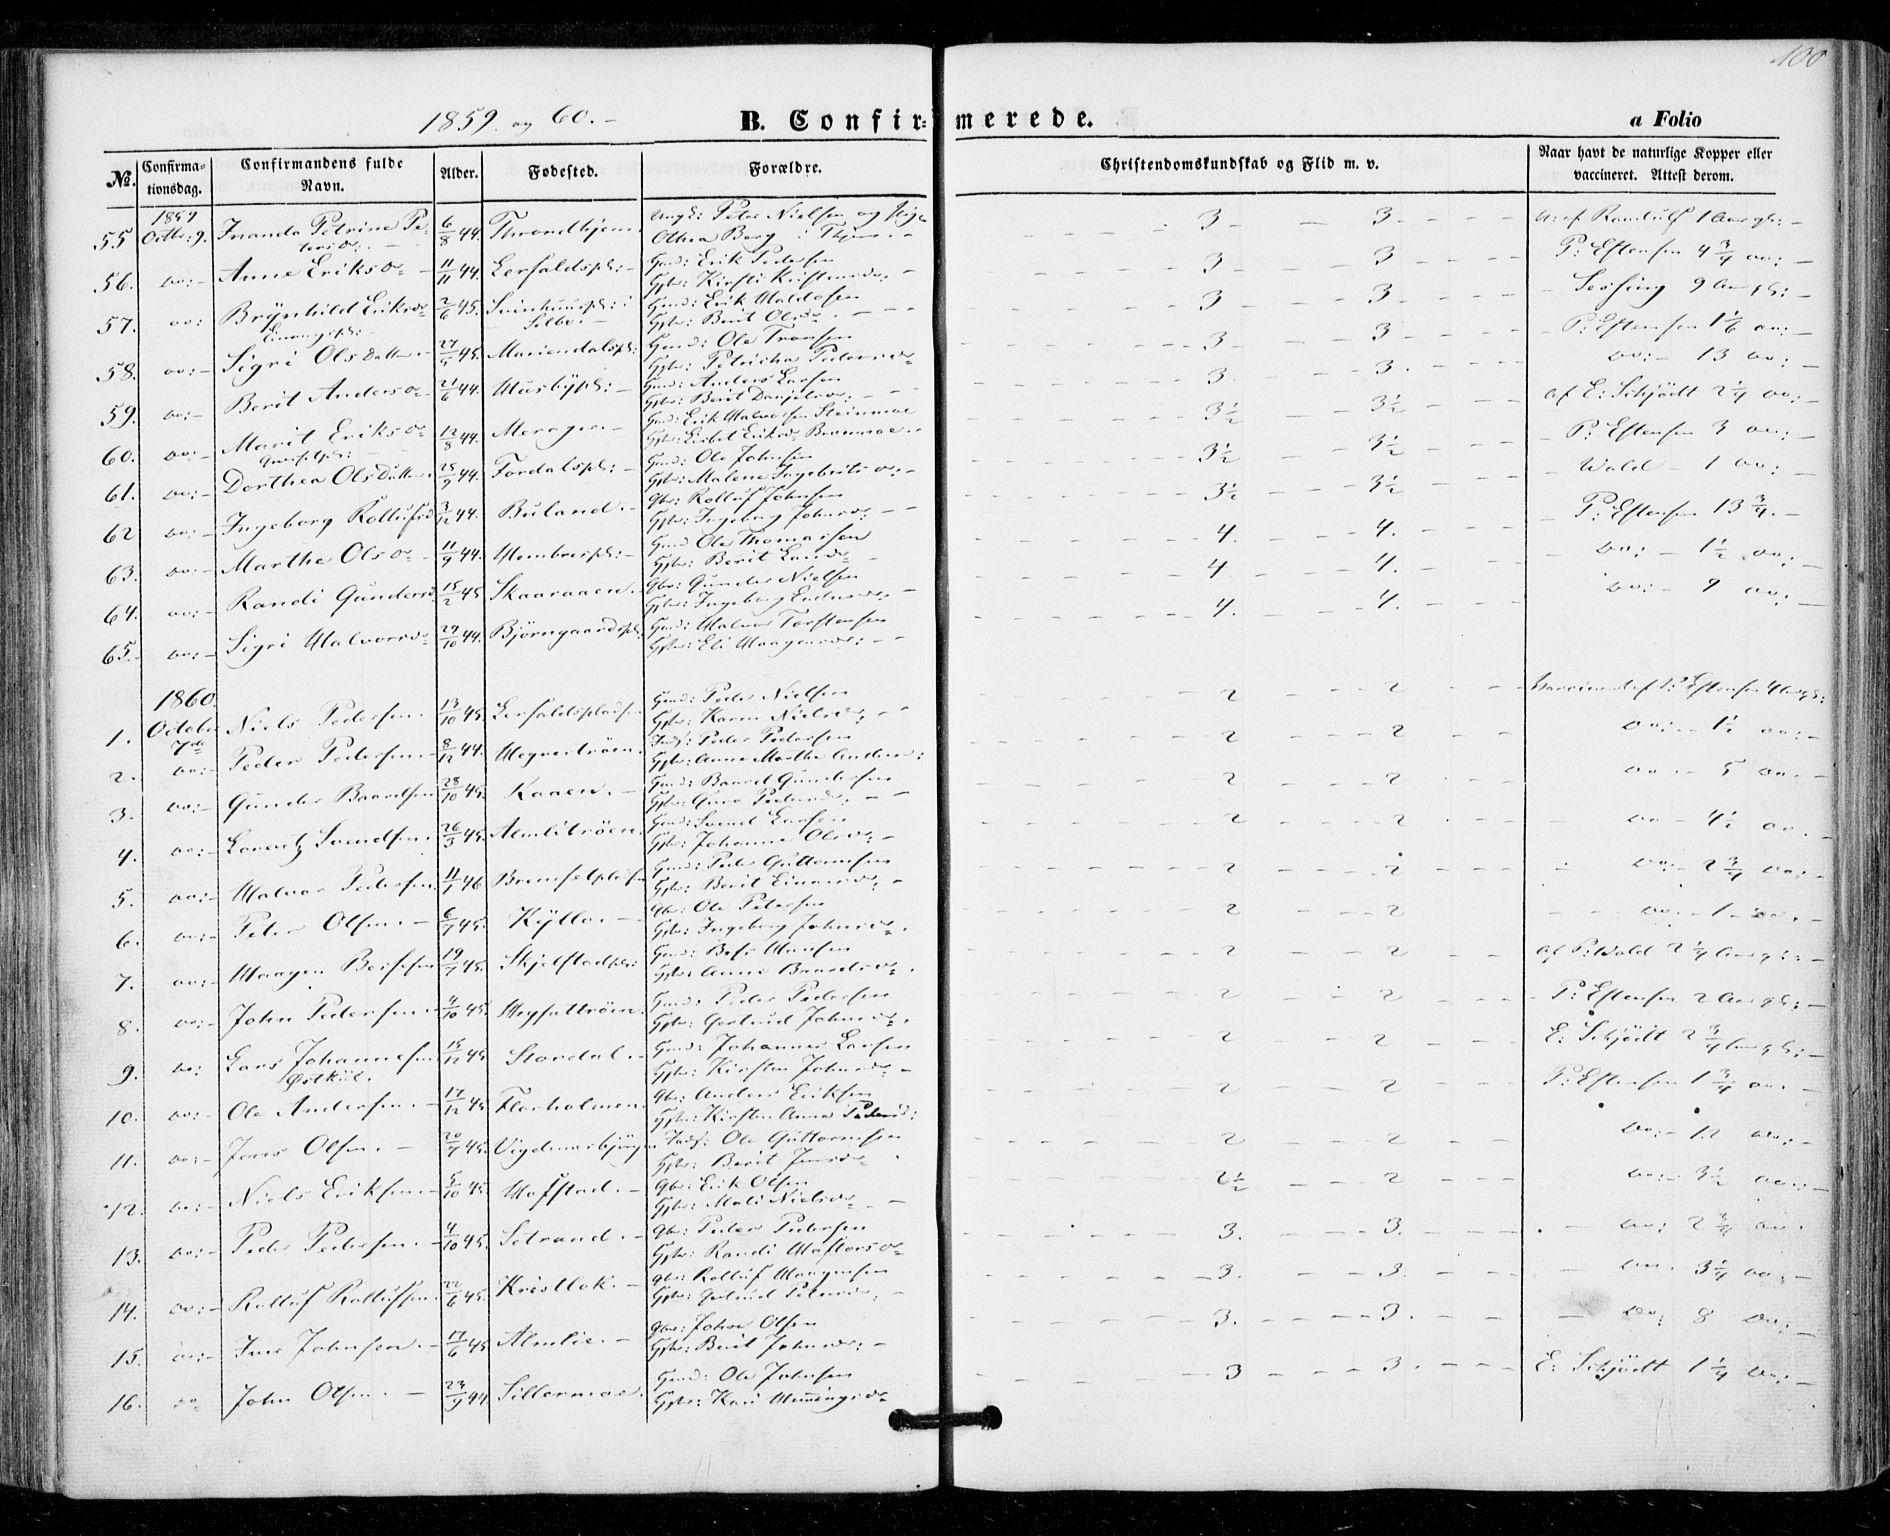 SAT, Ministerialprotokoller, klokkerbøker og fødselsregistre - Nord-Trøndelag, 703/L0028: Ministerialbok nr. 703A01, 1850-1862, s. 100